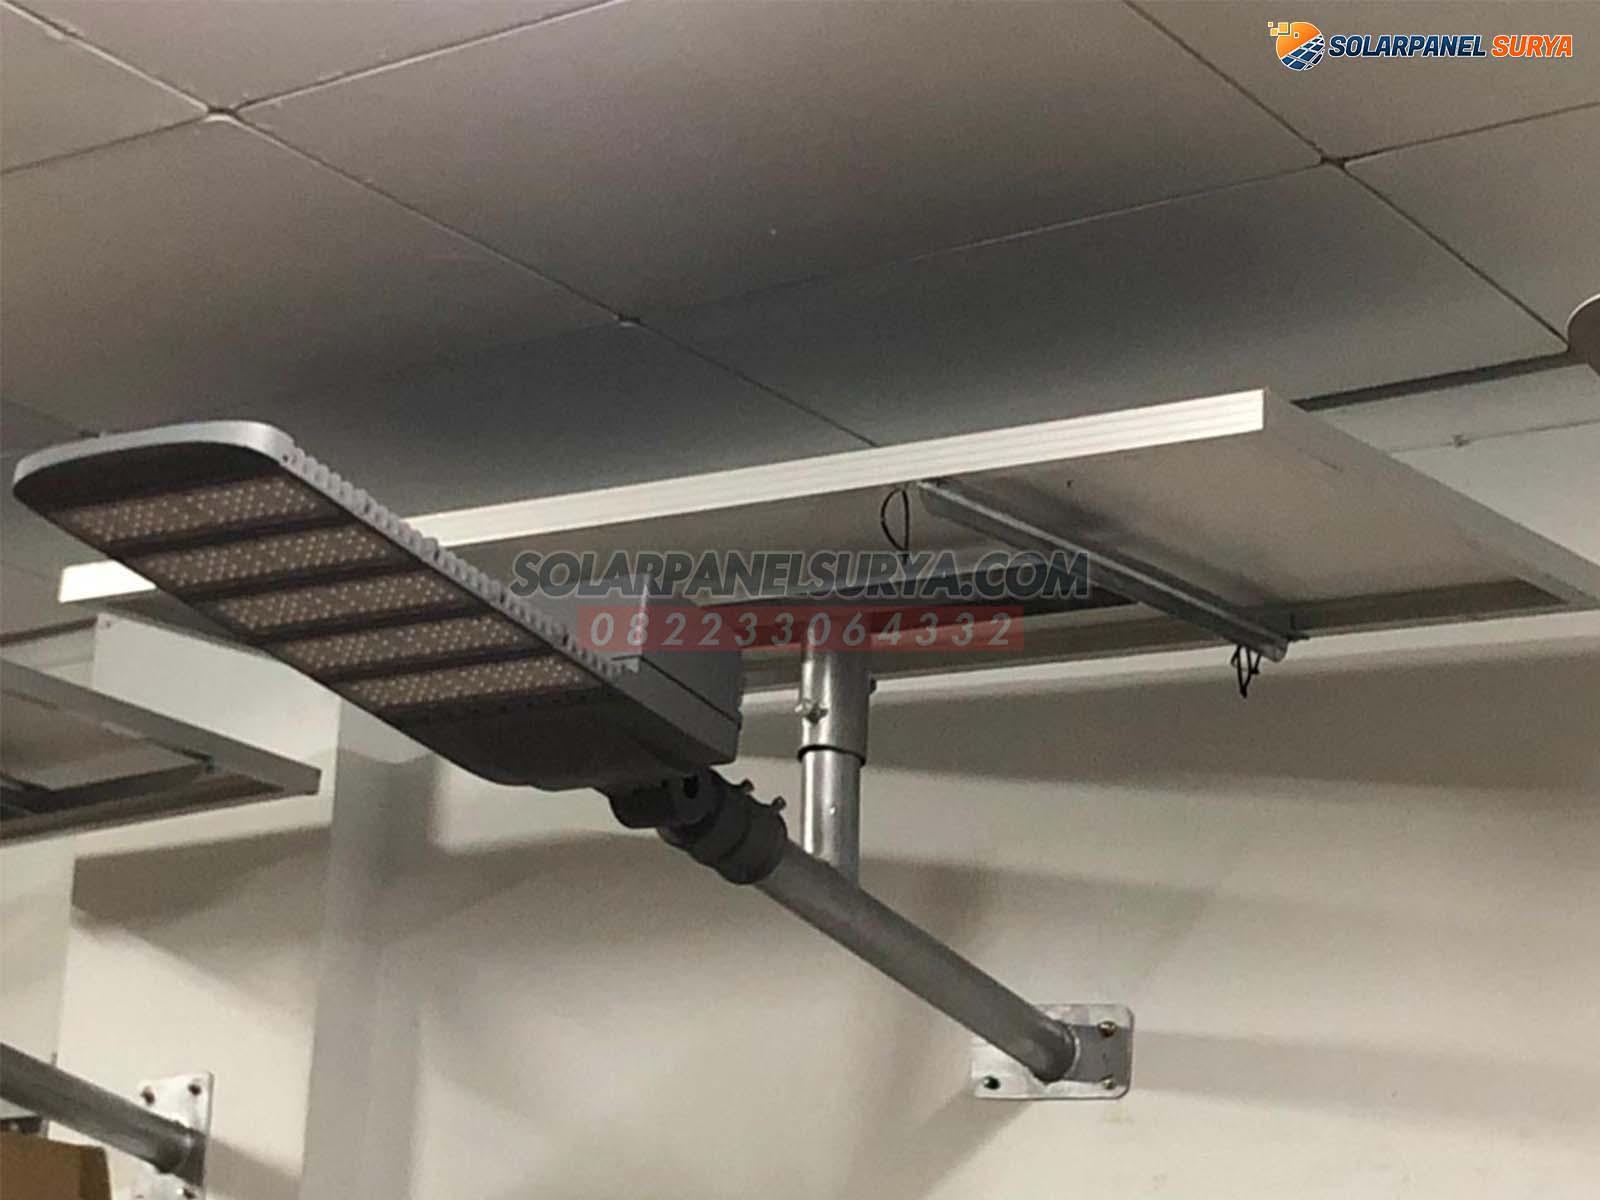 jual PJU Tenaga Surya 2in1 100 Watt murah bergaransi